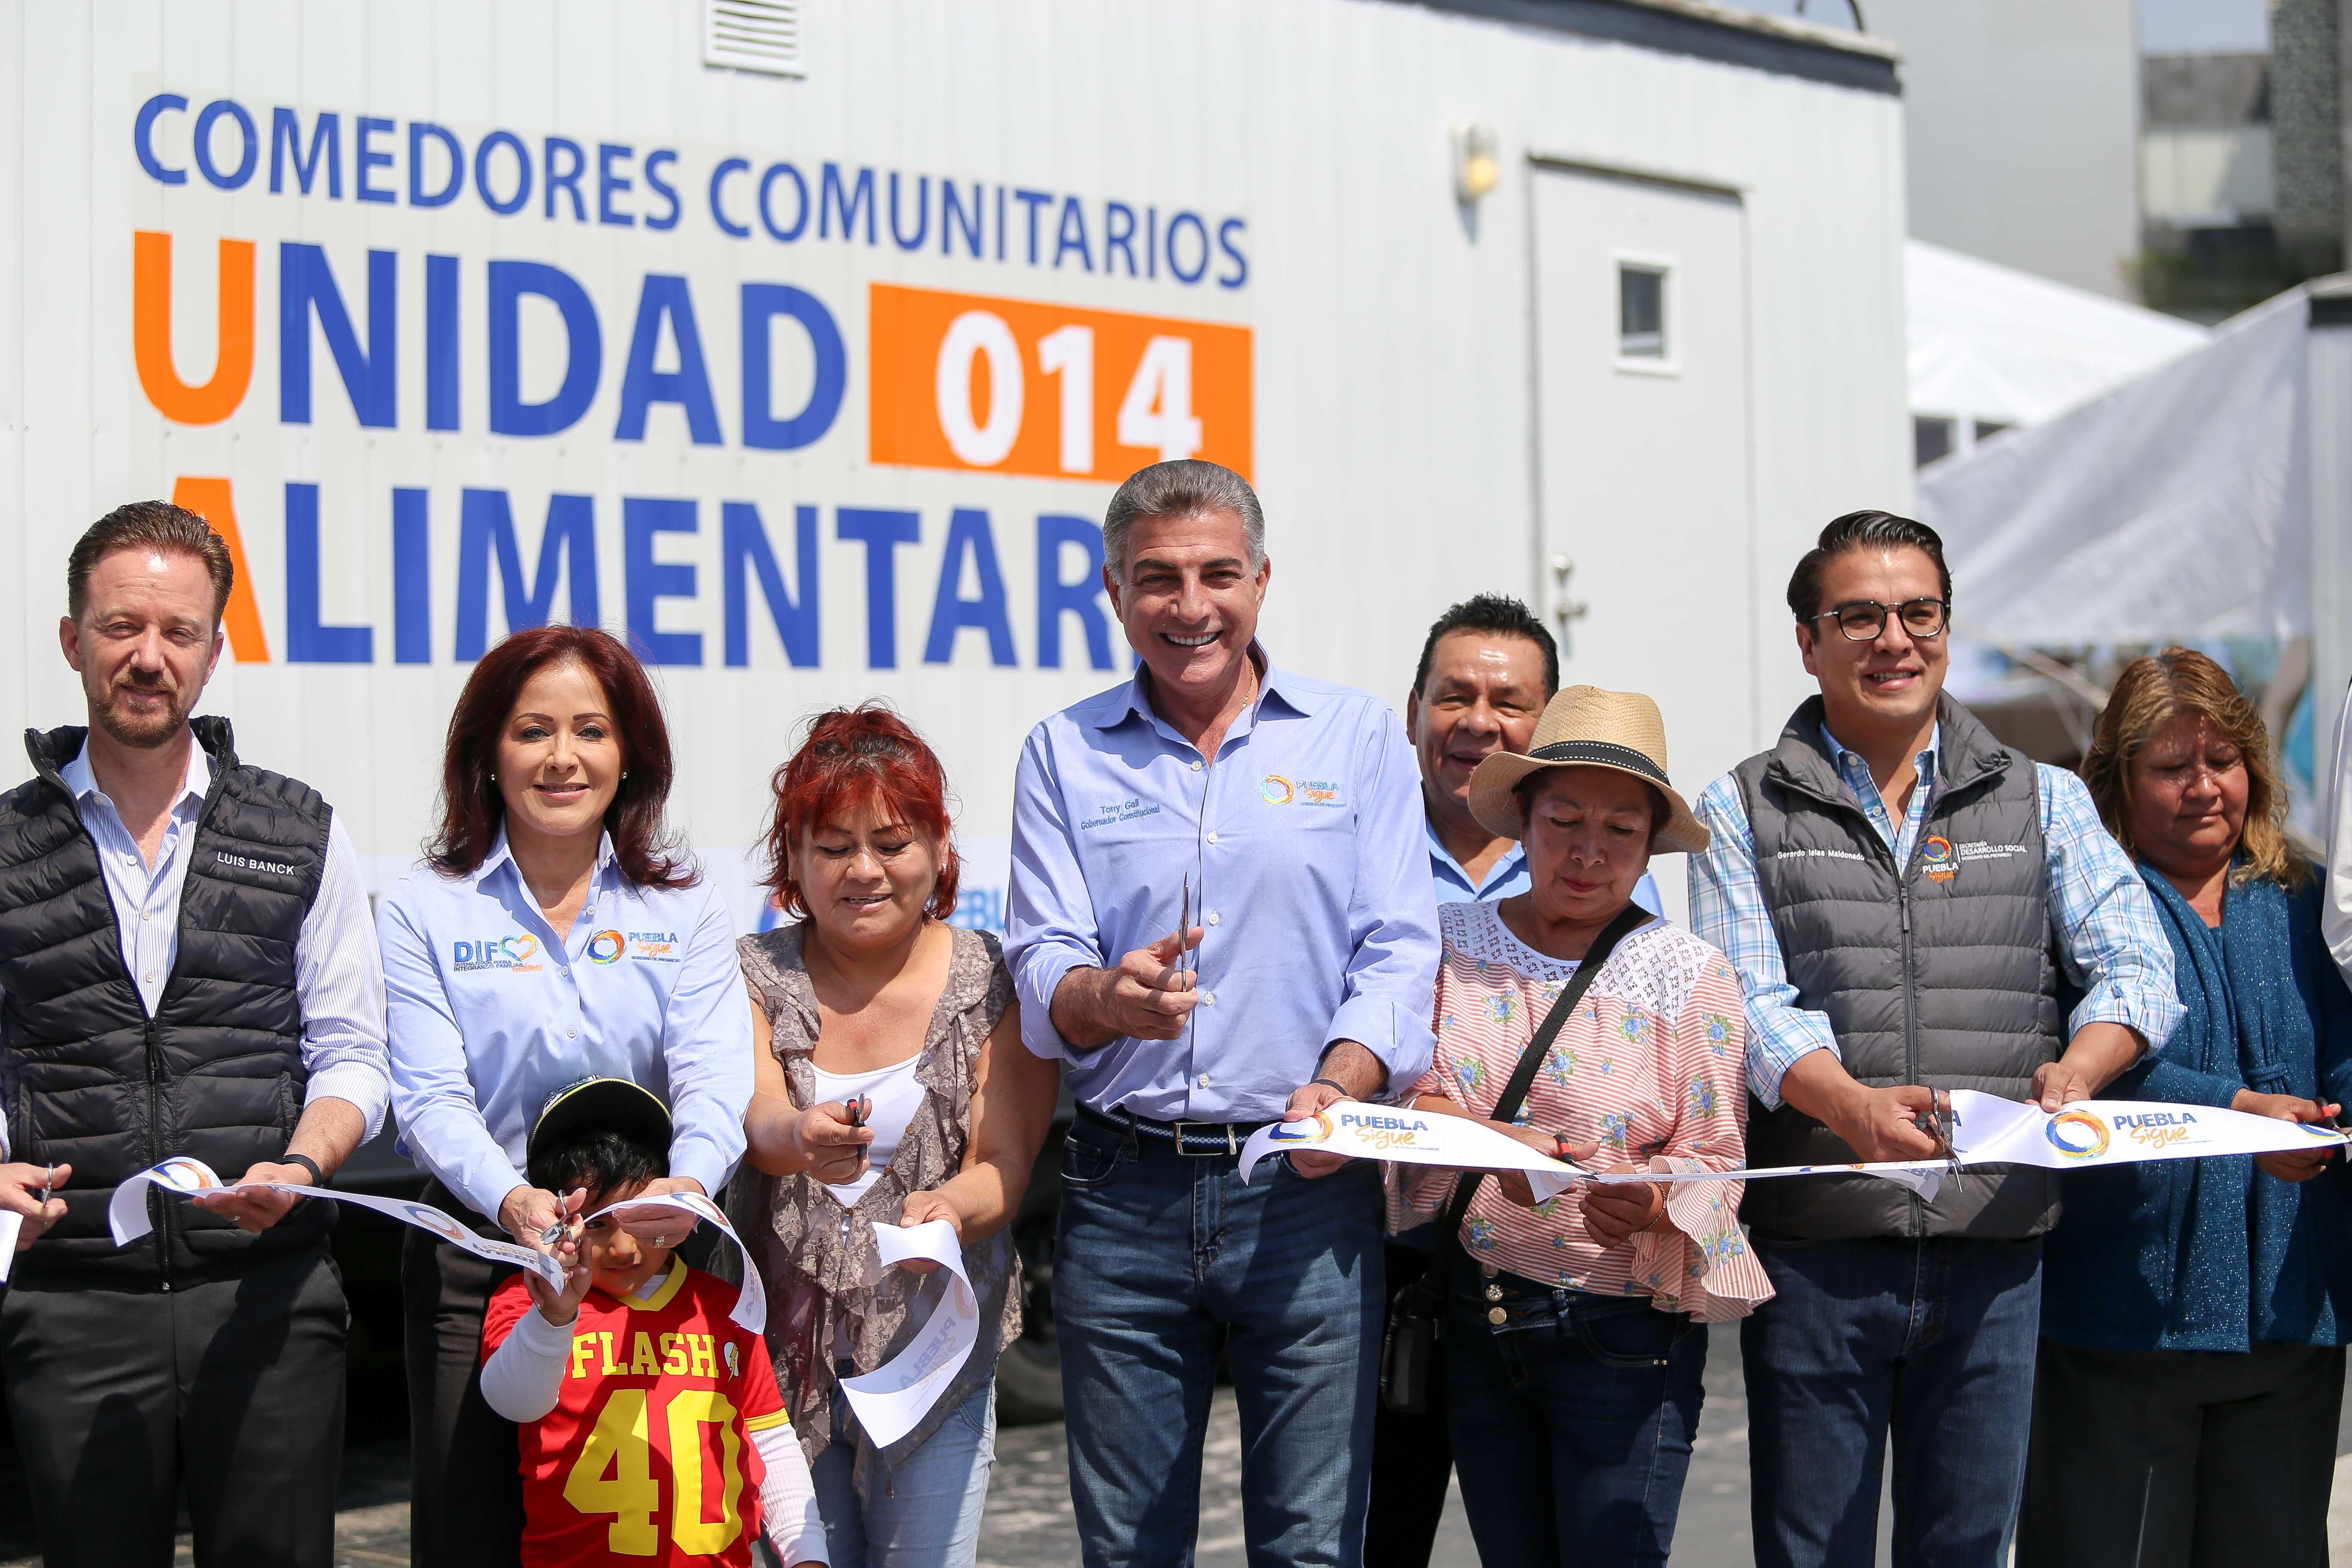 Dinorah López de Gali y Antonio Gali entregan comedores comunitarios